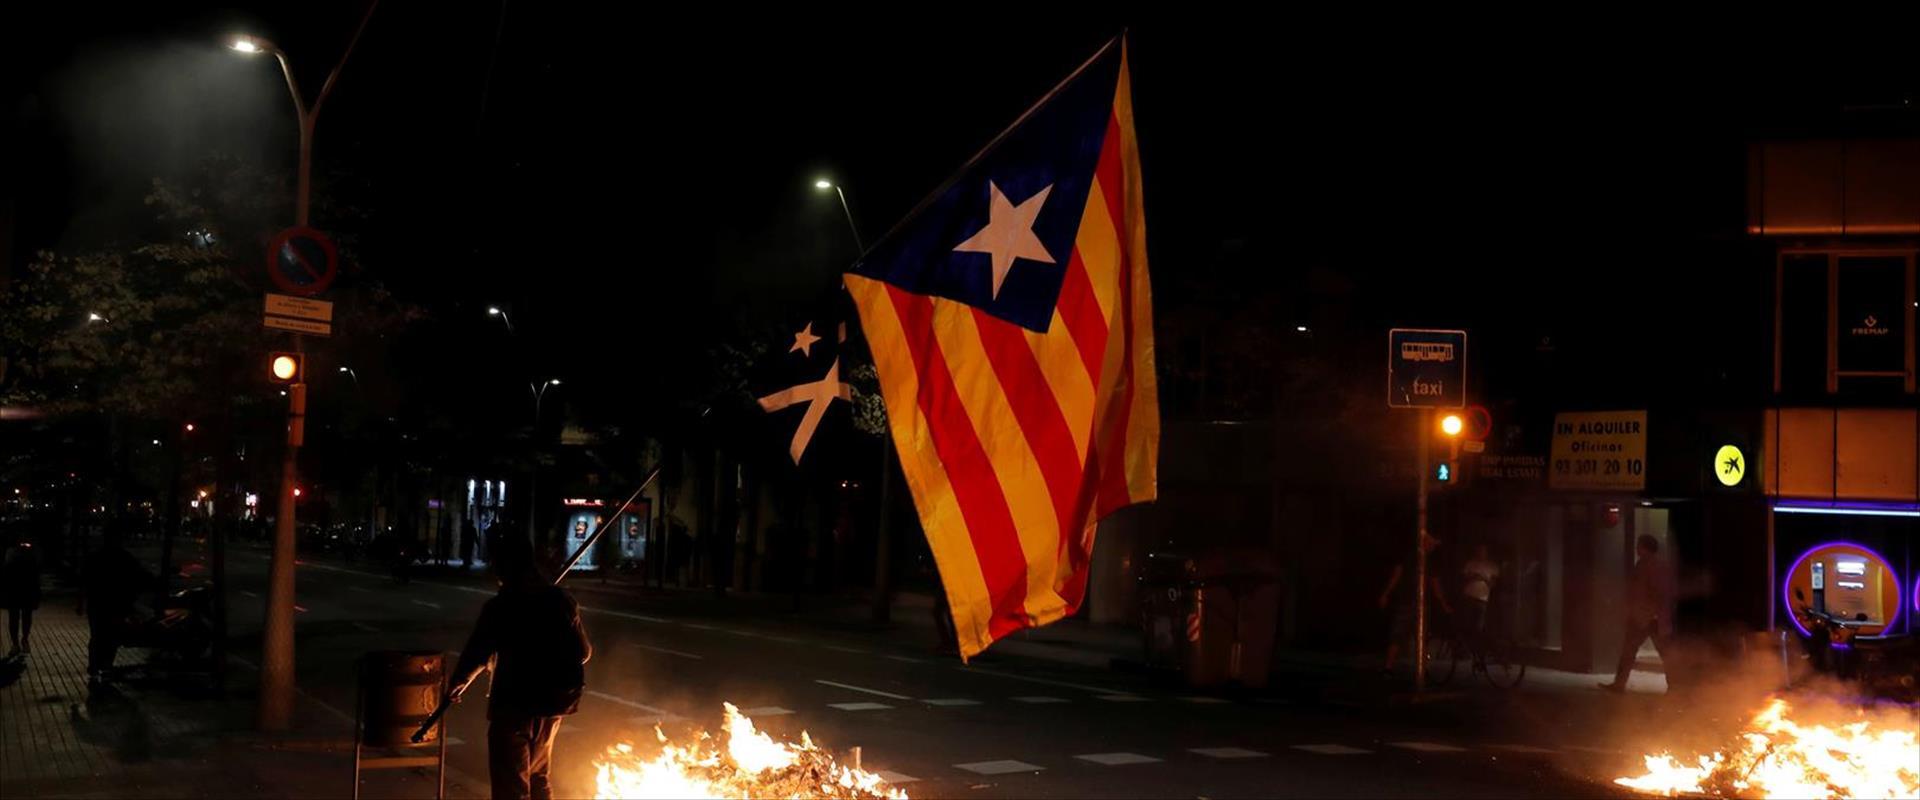 הפגנות בברצלונה